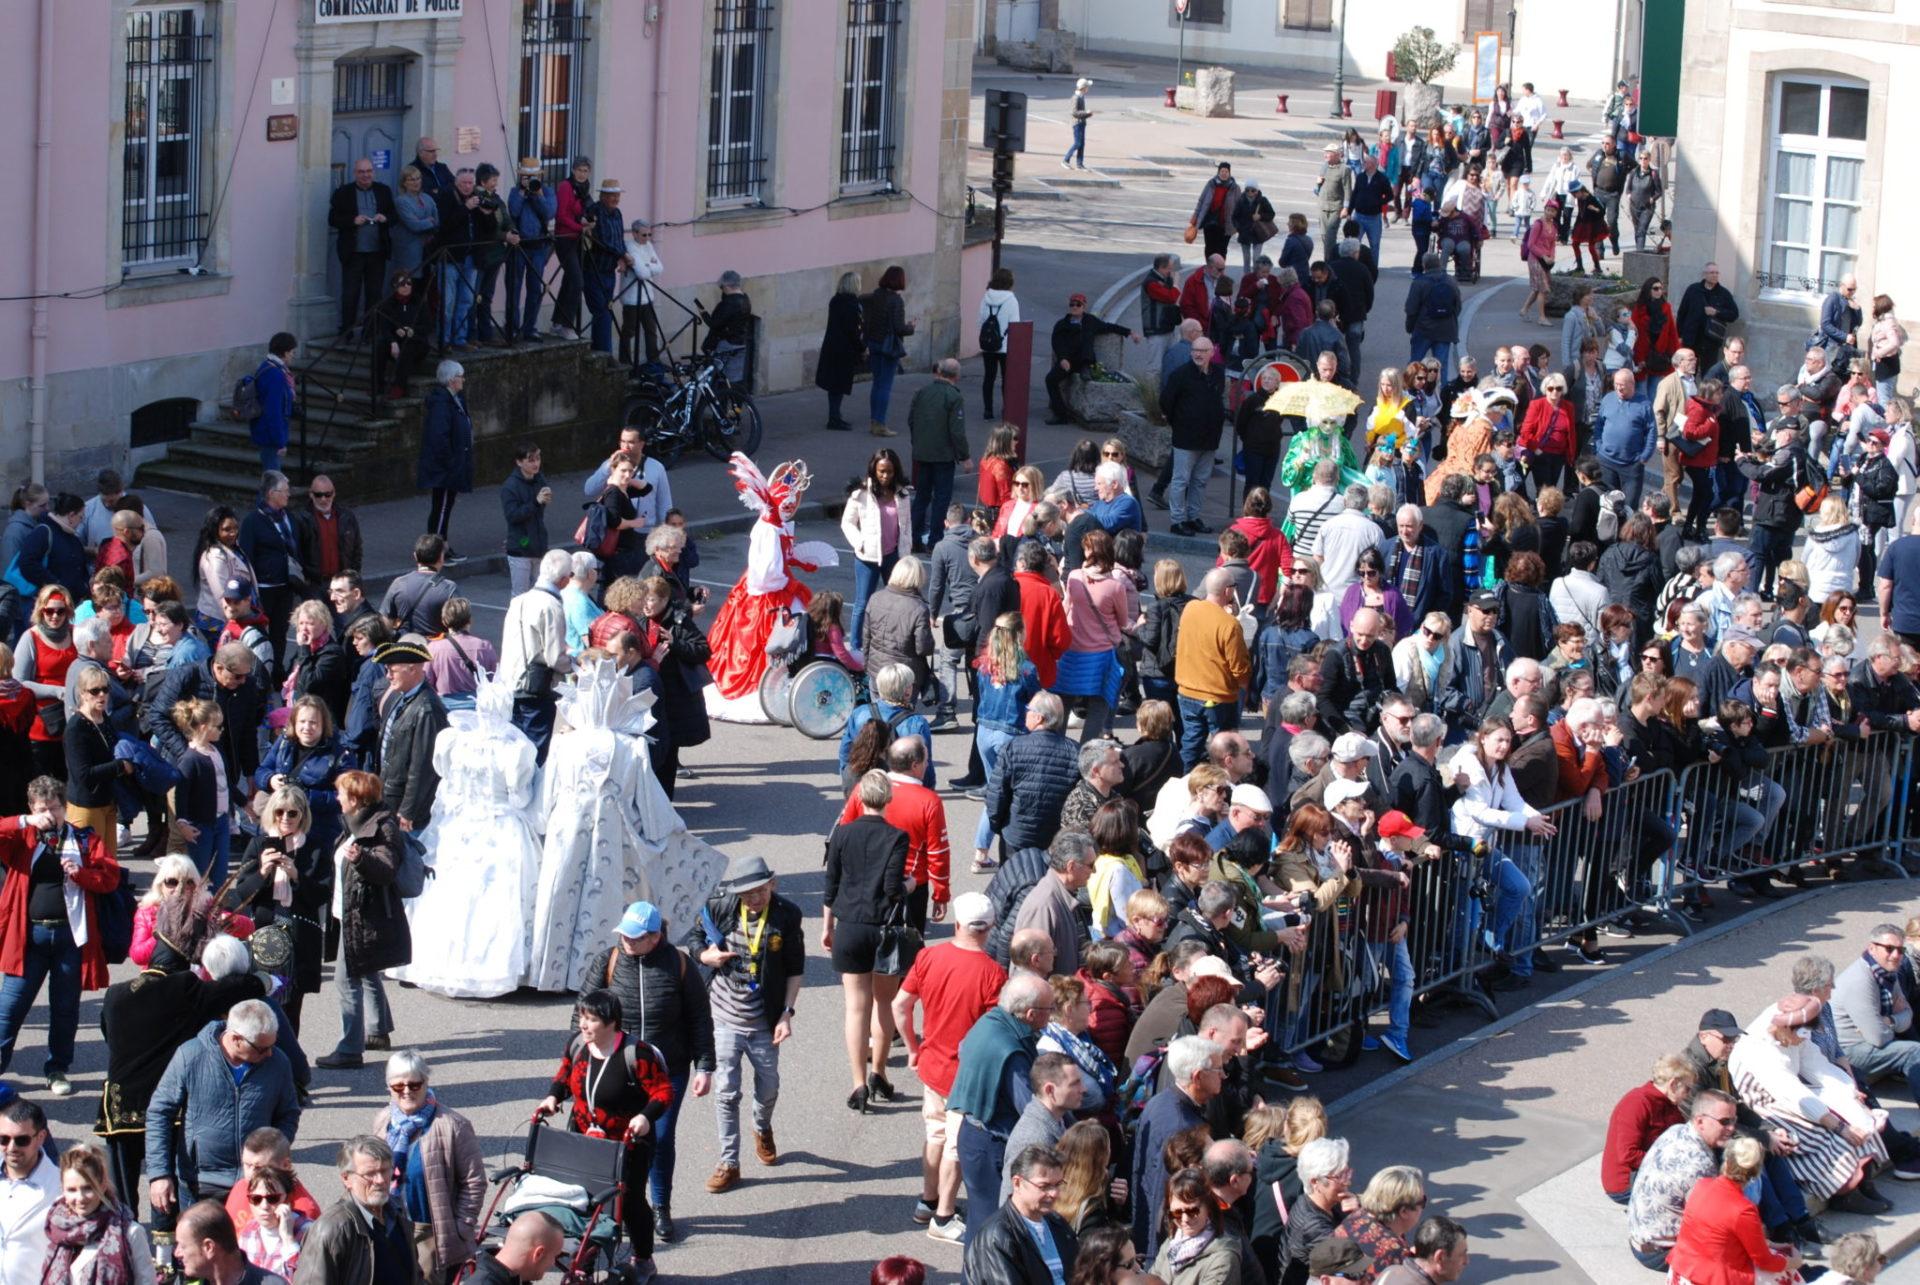 Costumés dans la foule - Photo A.Leclerc